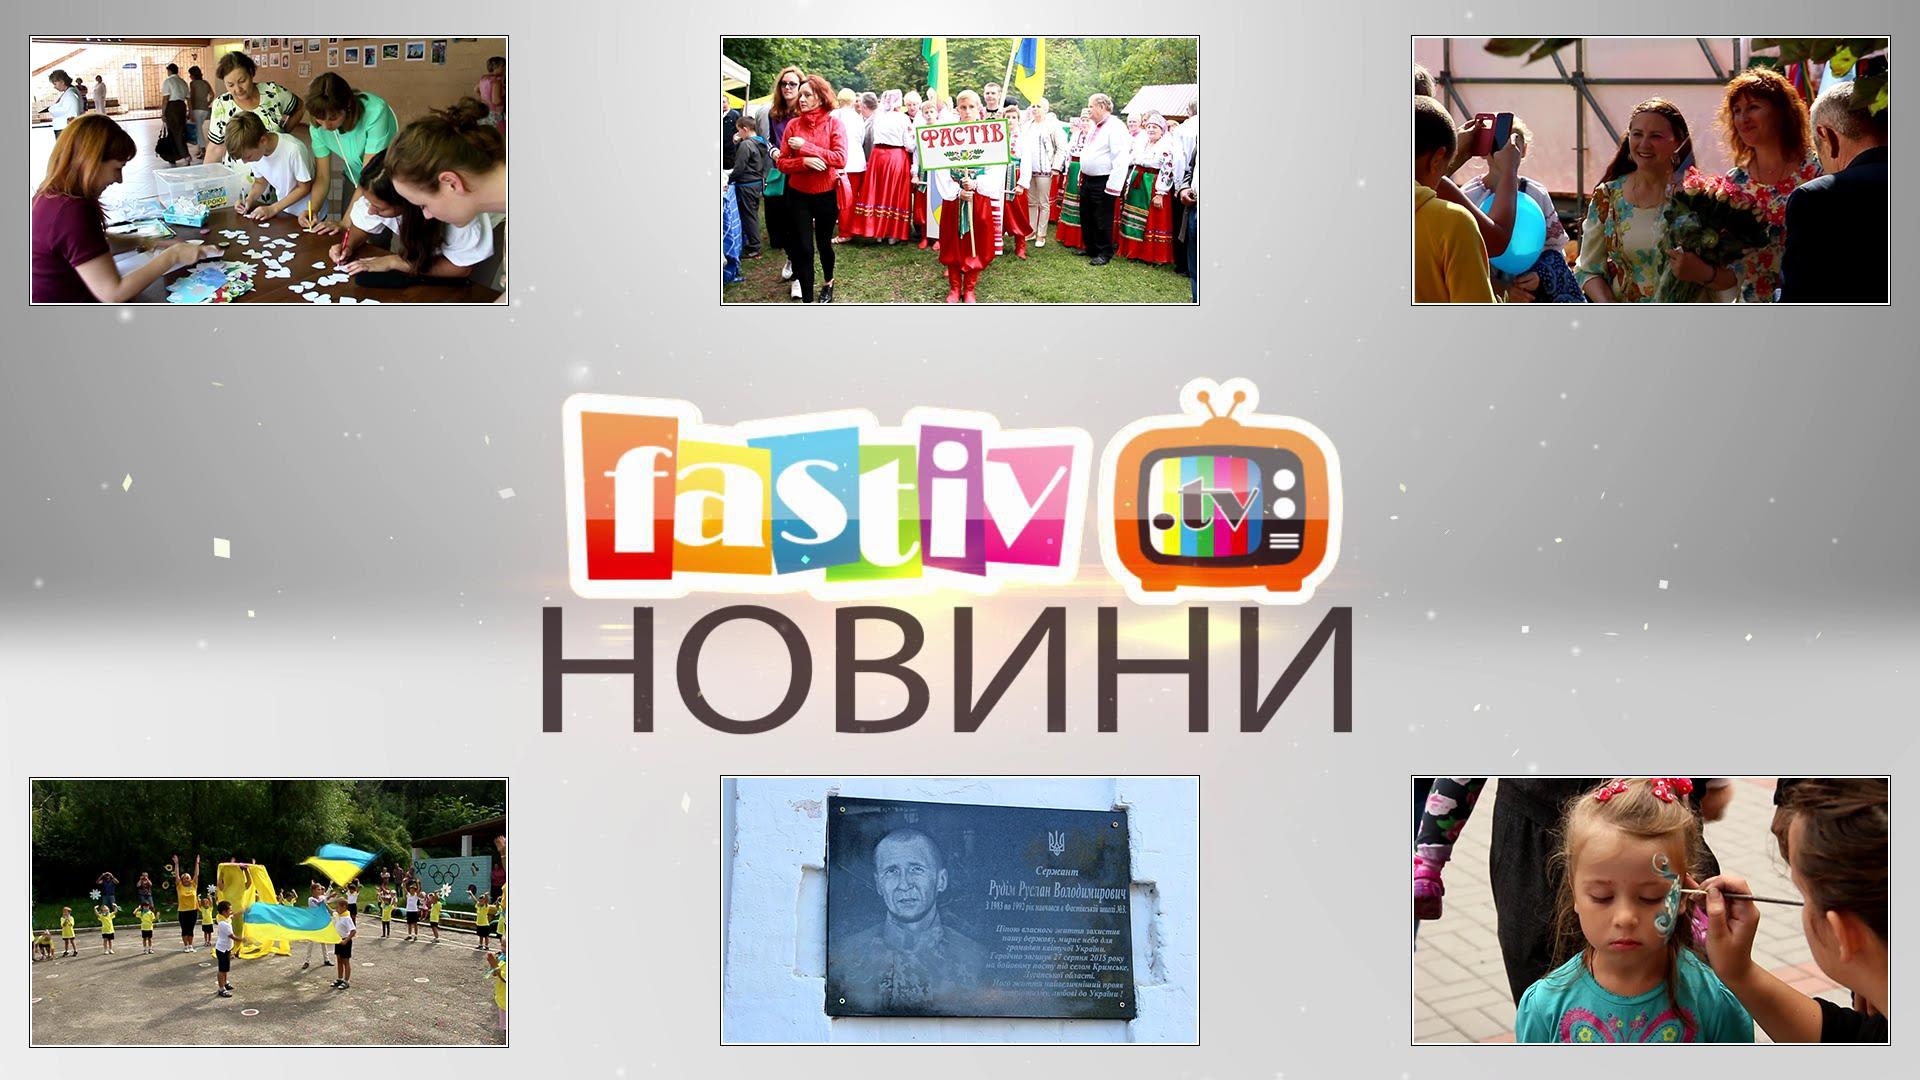 Тижневі підсумки новин від FASTIV.TV 28.08.2016